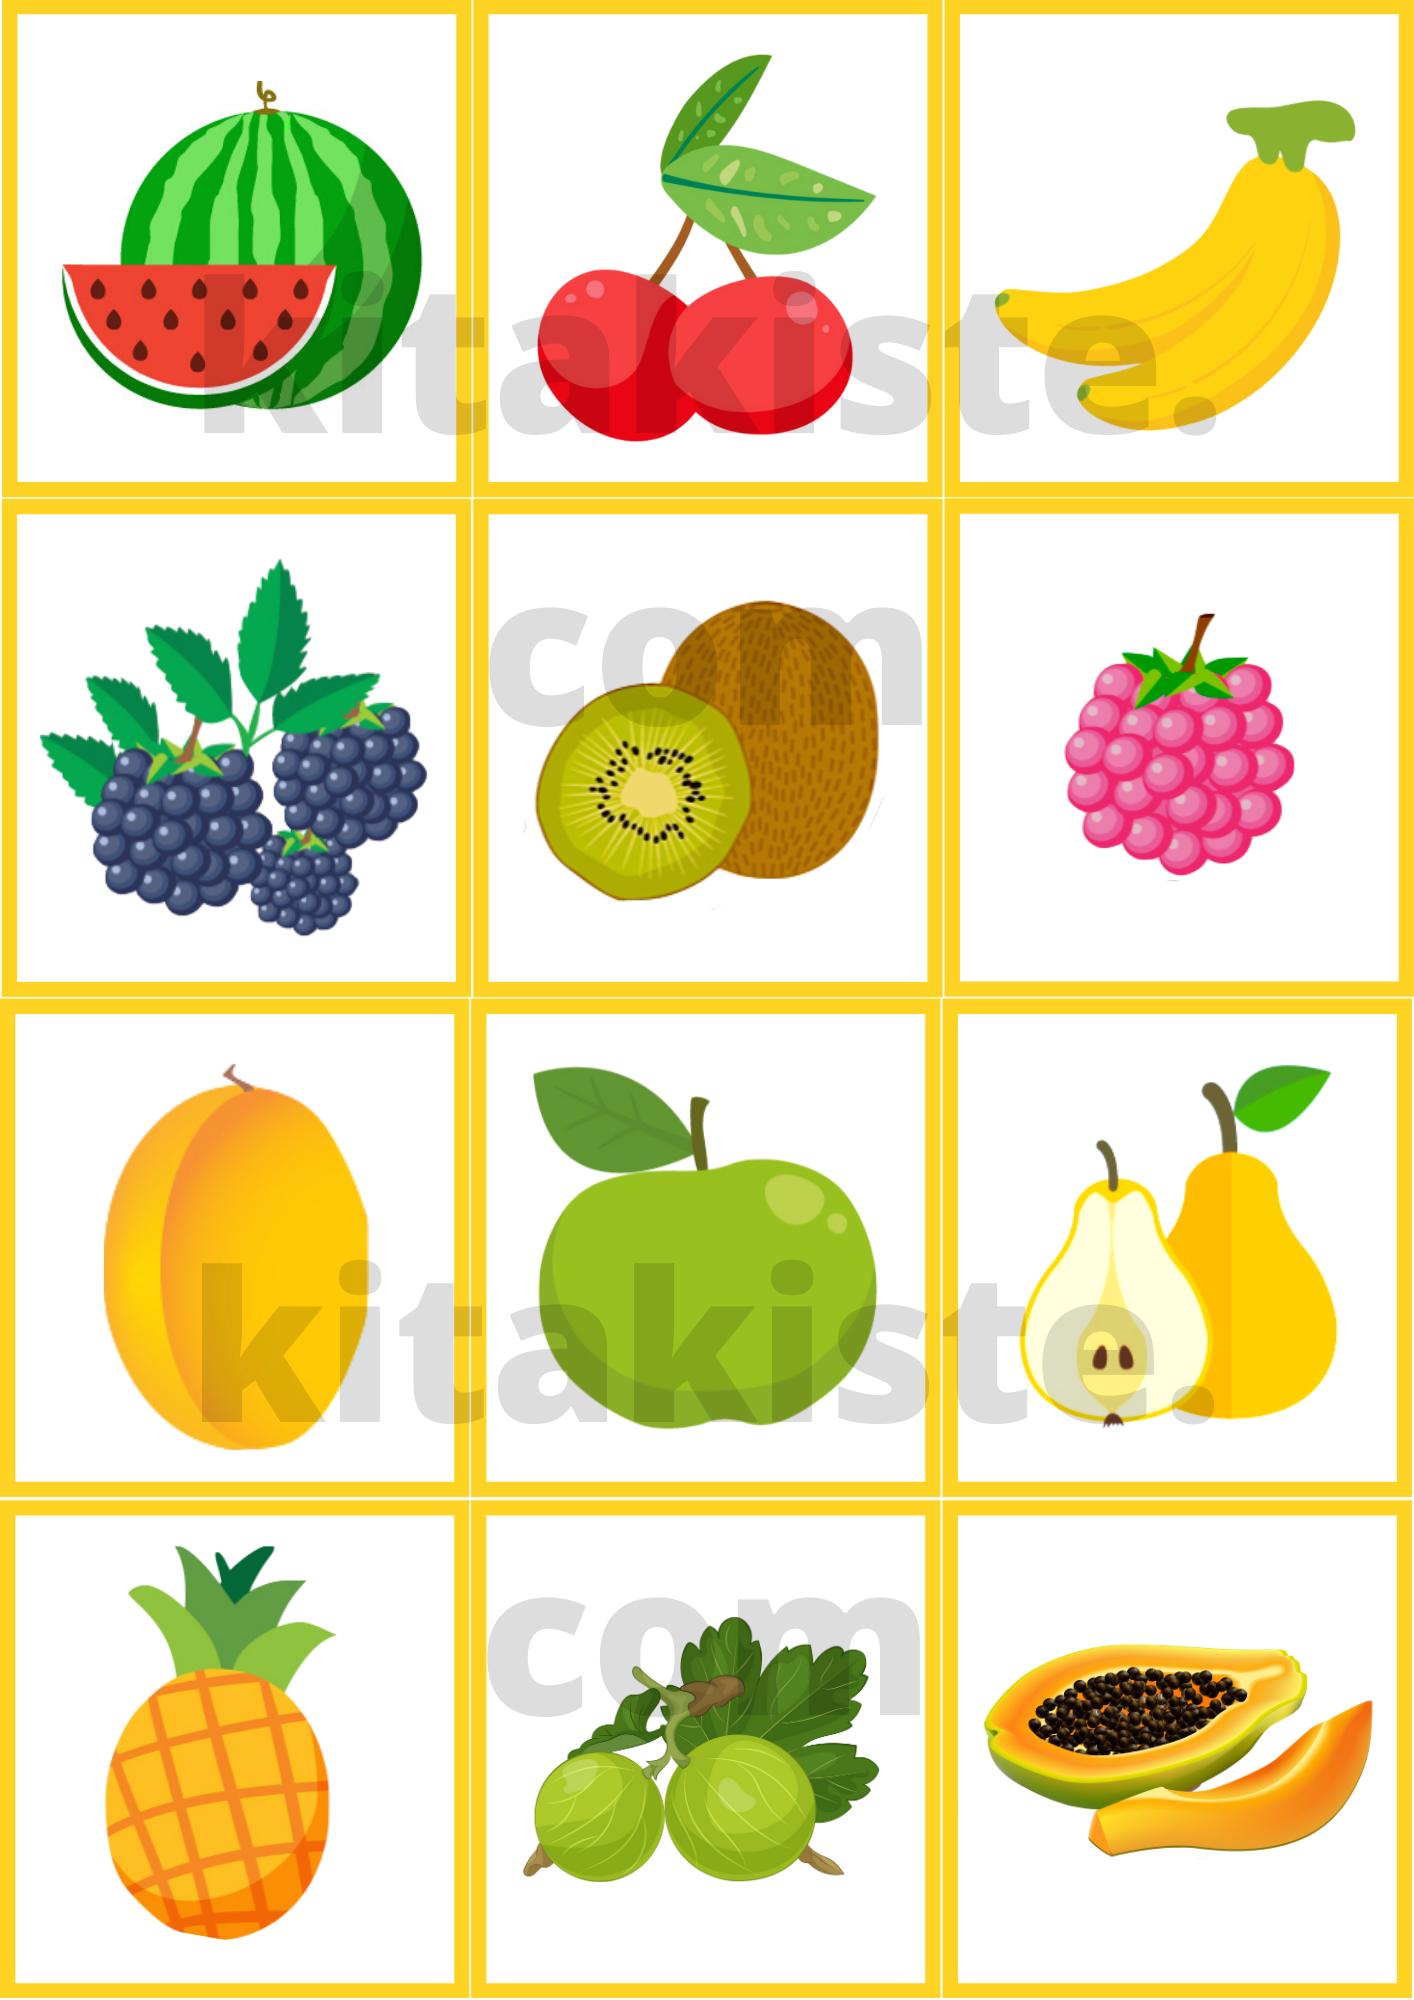 Obst Und Gemuse Memory In 2020 Kinder Lied Fruchte Und Gemuse Ausdrucken